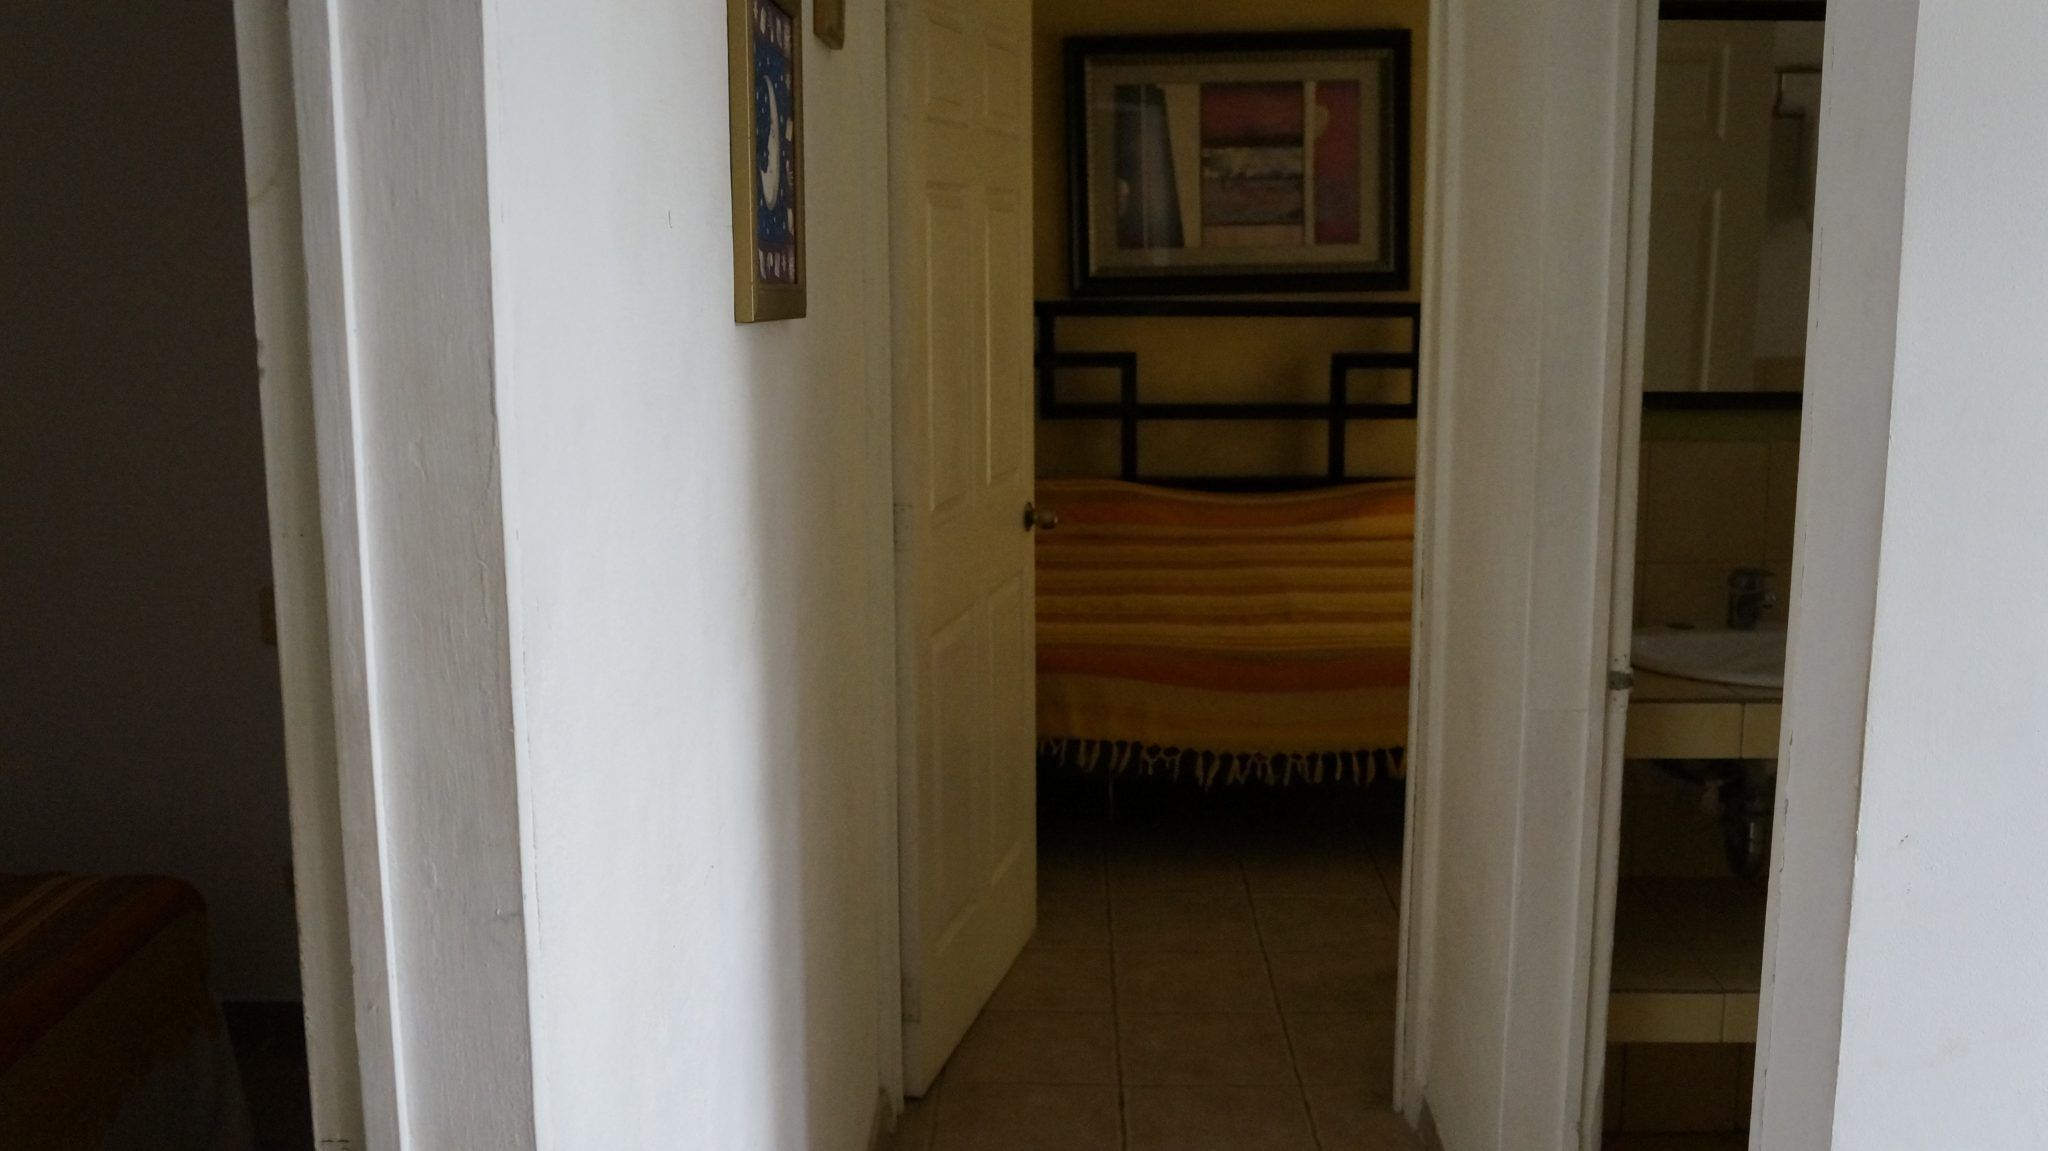 E14 - Hallway